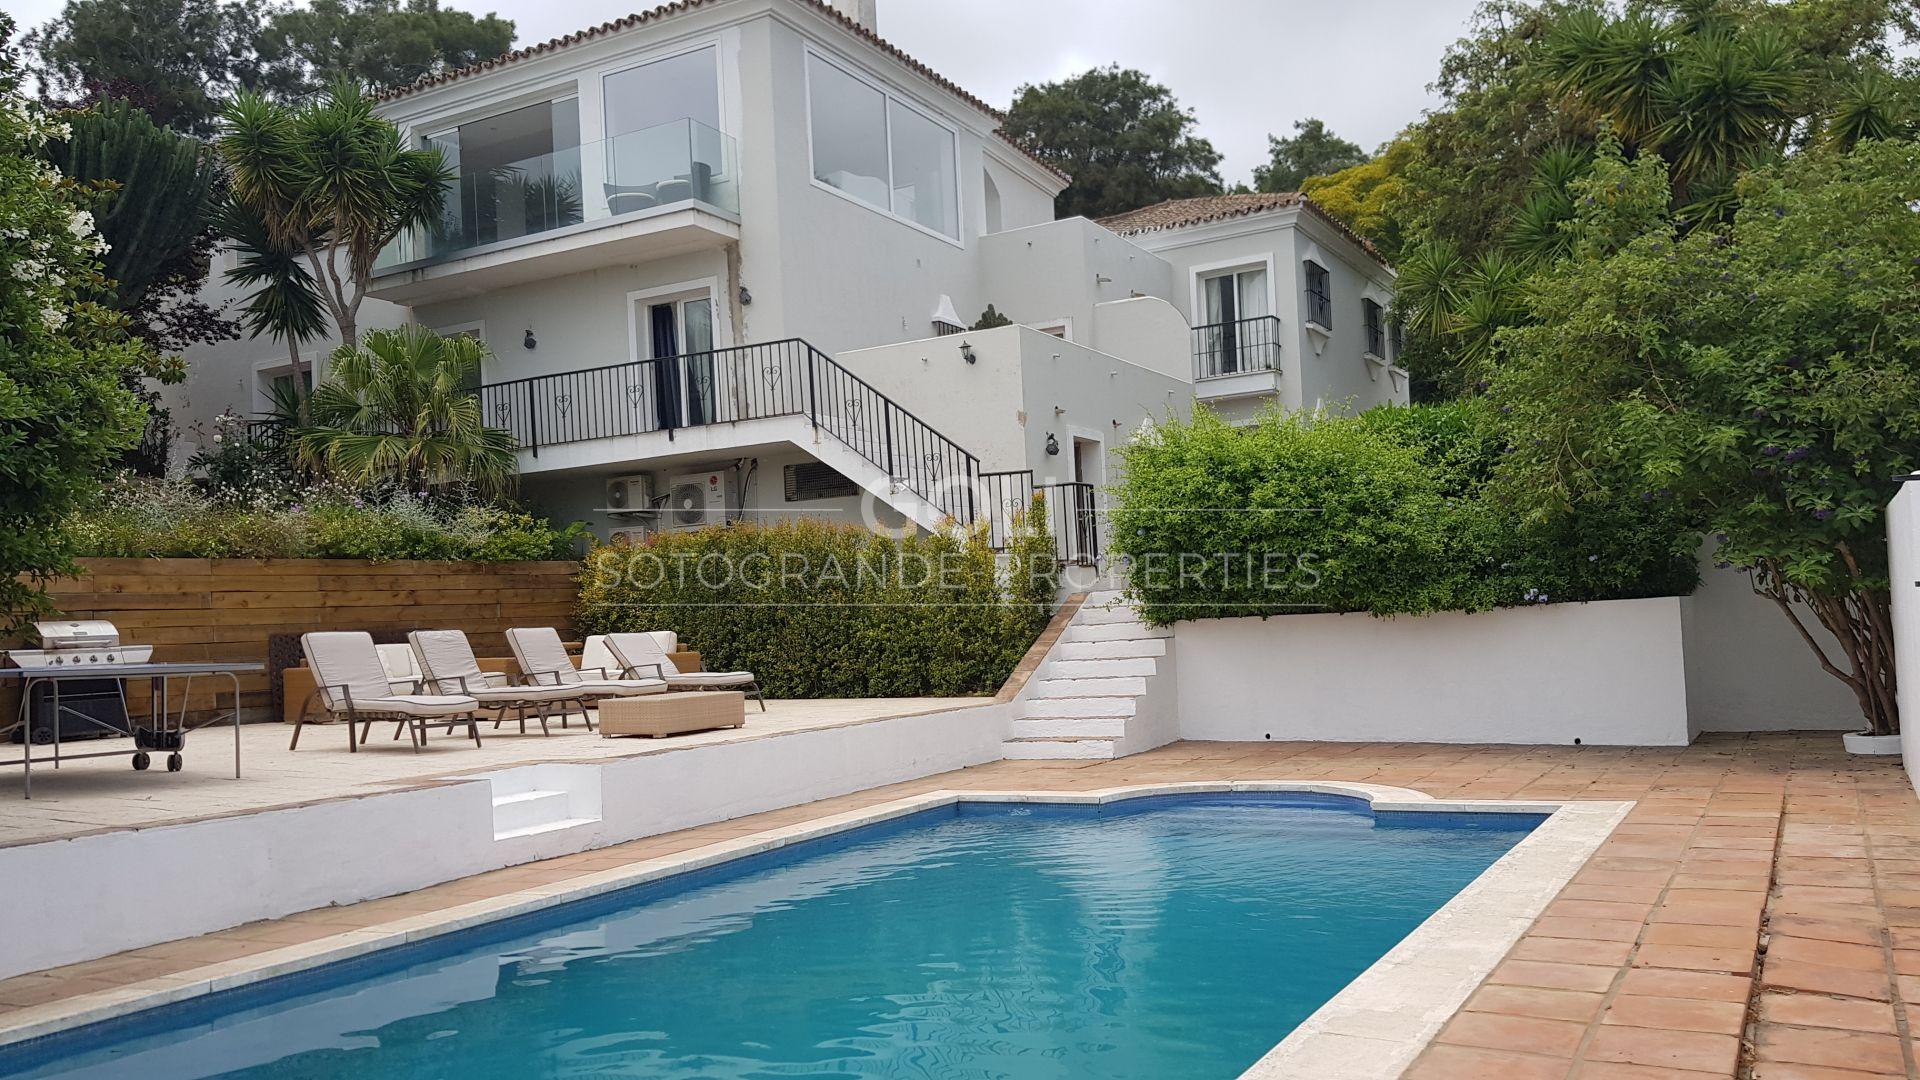 Villa with views of La Reserva